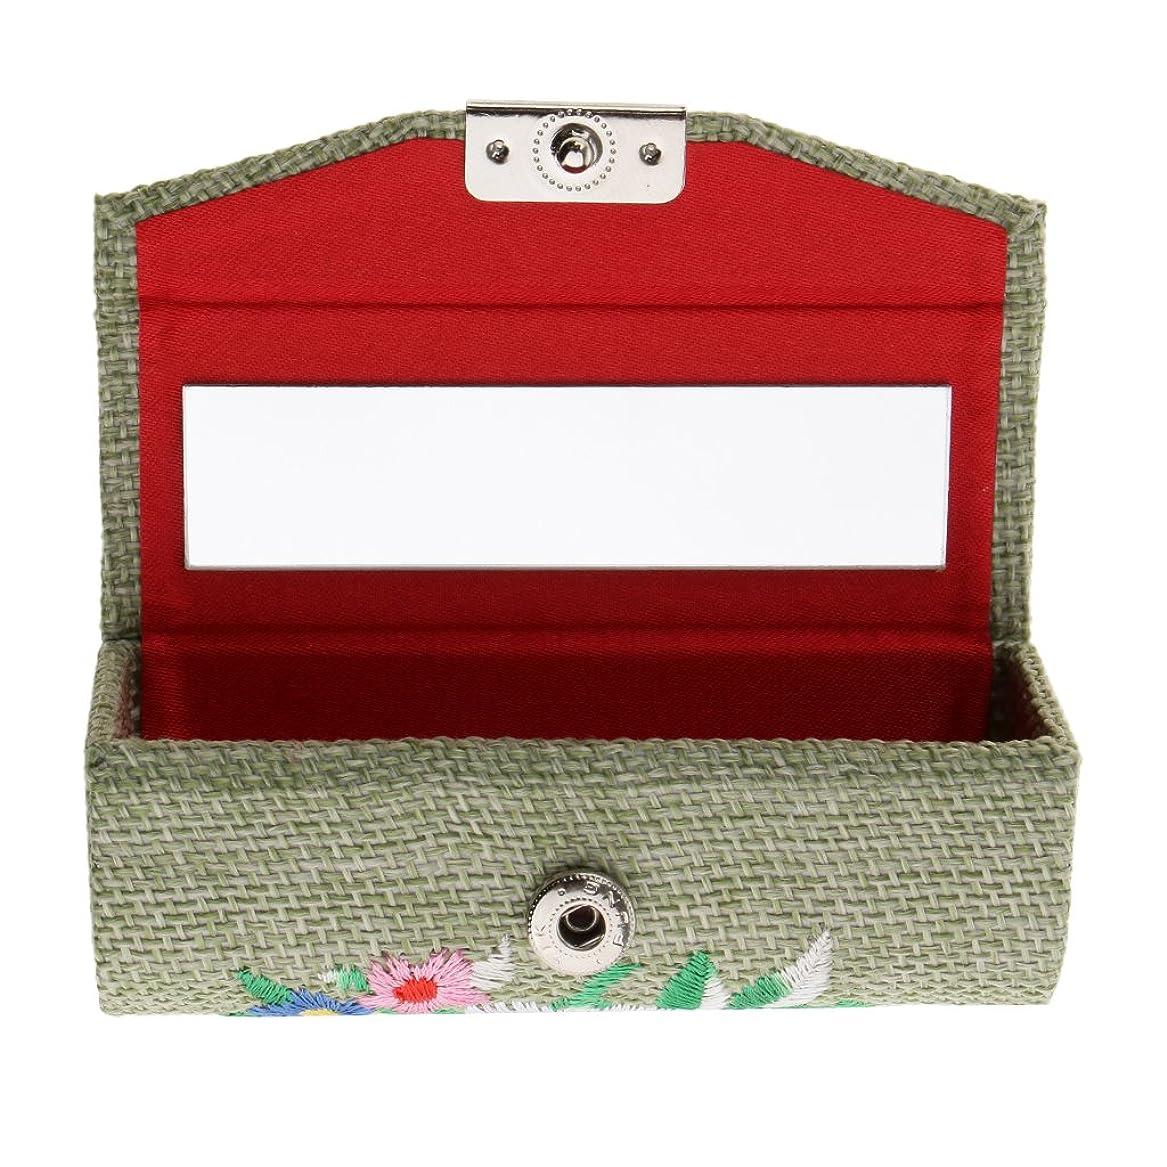 ファックス切り下げ進行中CUTICATE 化粧ポーチ 口紅ホルダー 小物入れ 収納ケース ミラー付き 刺繍 レトロ 6色選べる - ライトグリーン